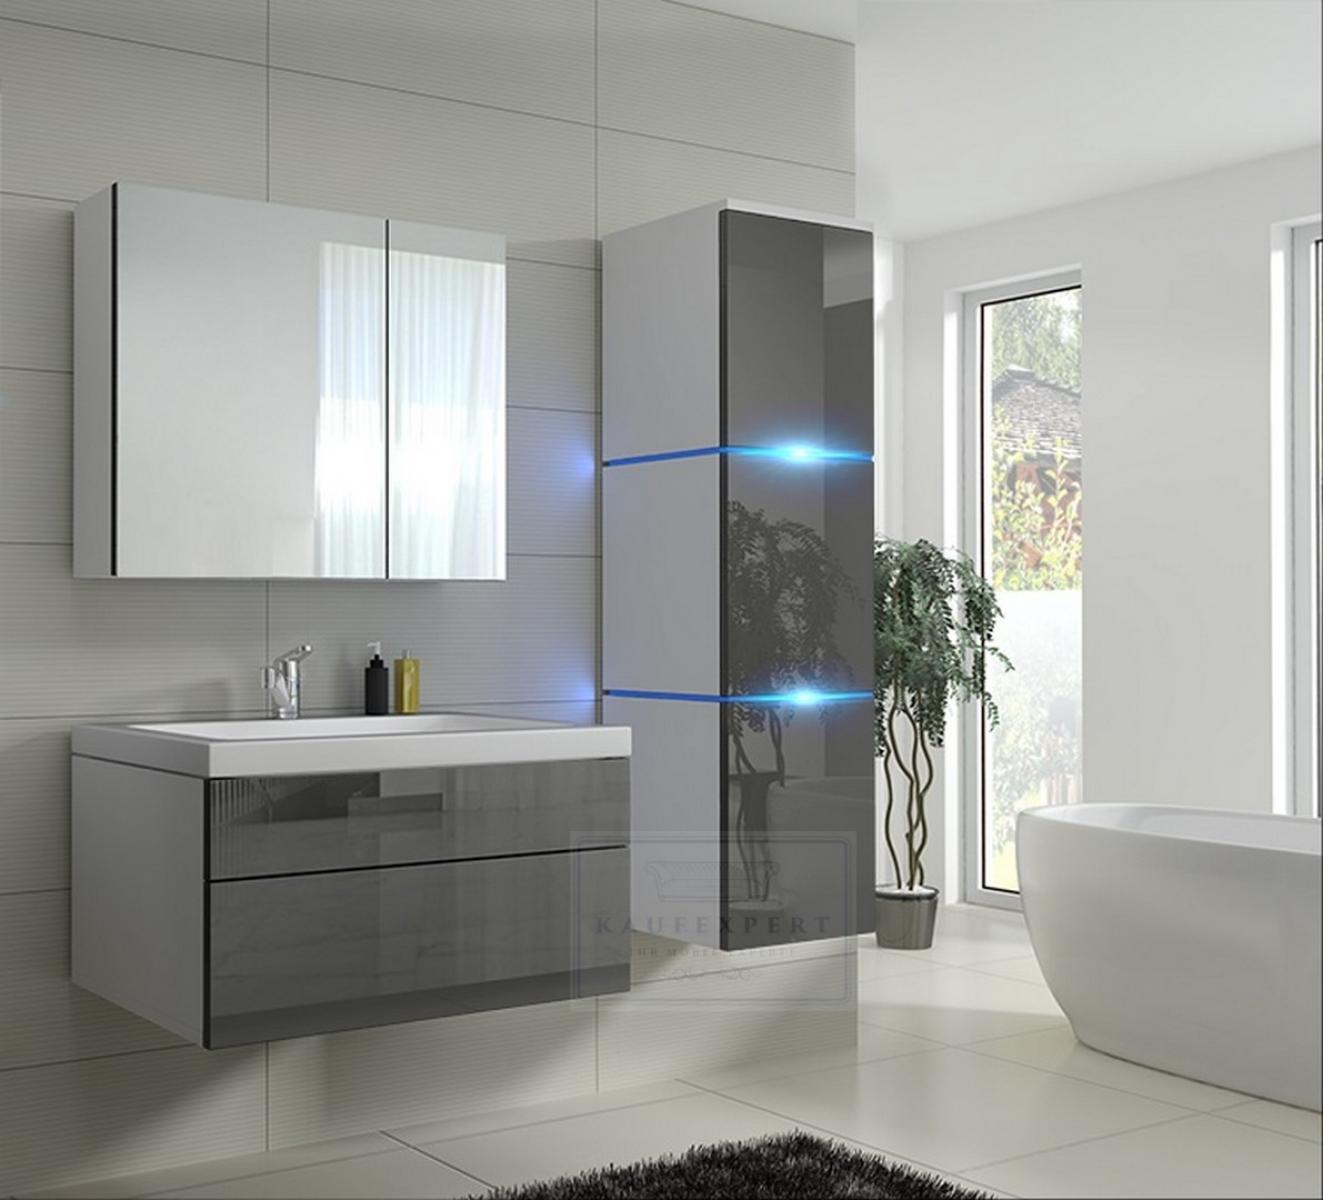 Badmöbel-Set Lux 1 NEW Grau Hochglanz/Weiß KERAMIK Waschbecken Badezimmer  Led Beleuchtung Badezimmermöbel Keramikbecken